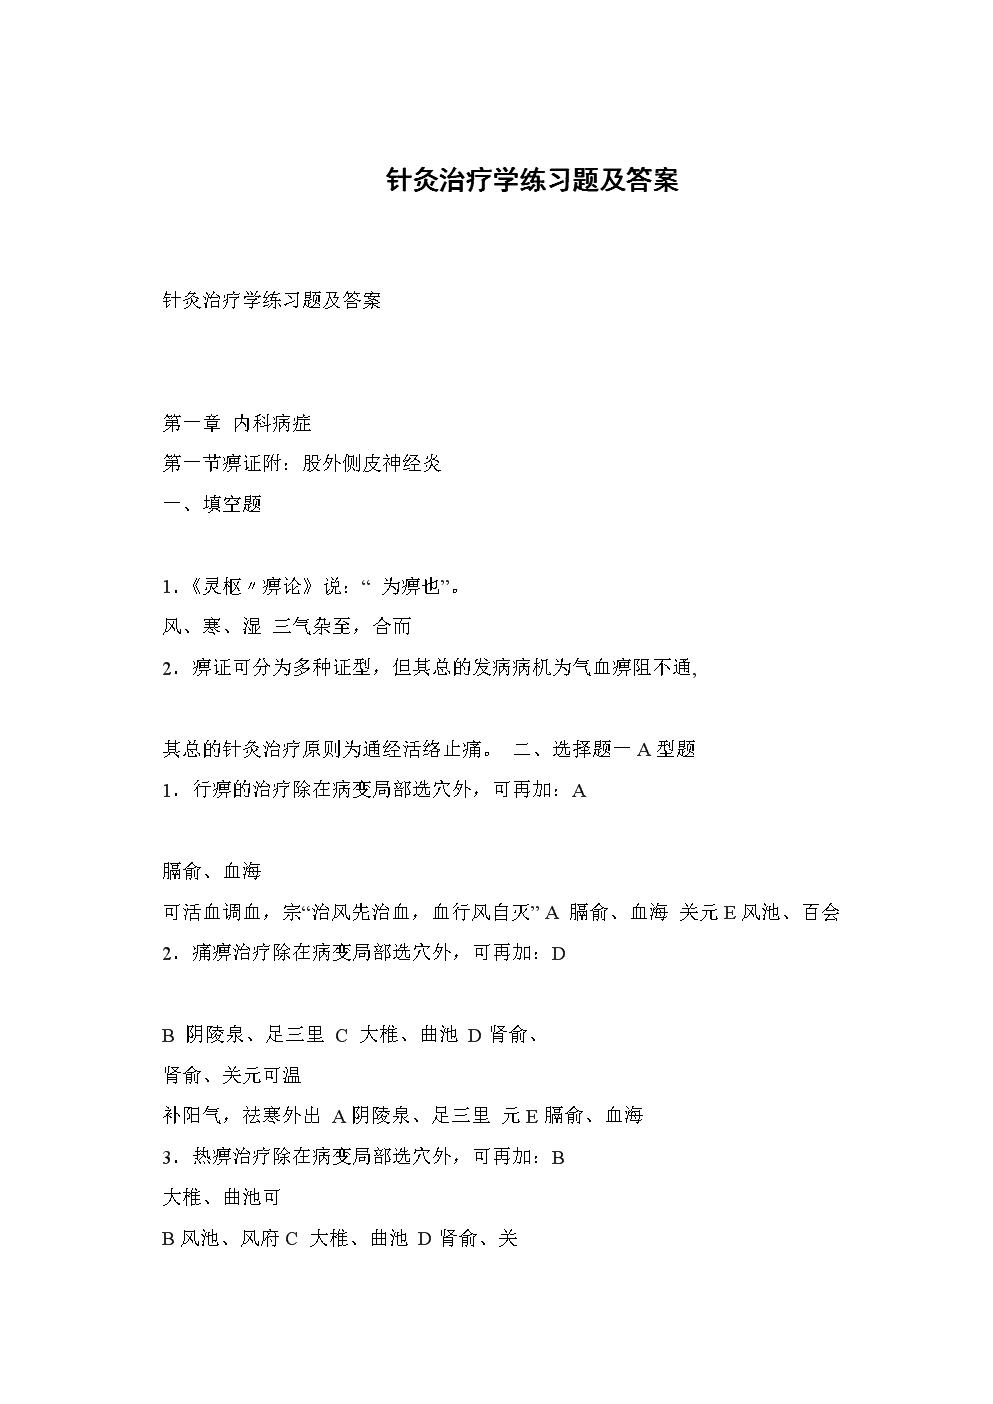 针灸治疗学练习题及答案.doc